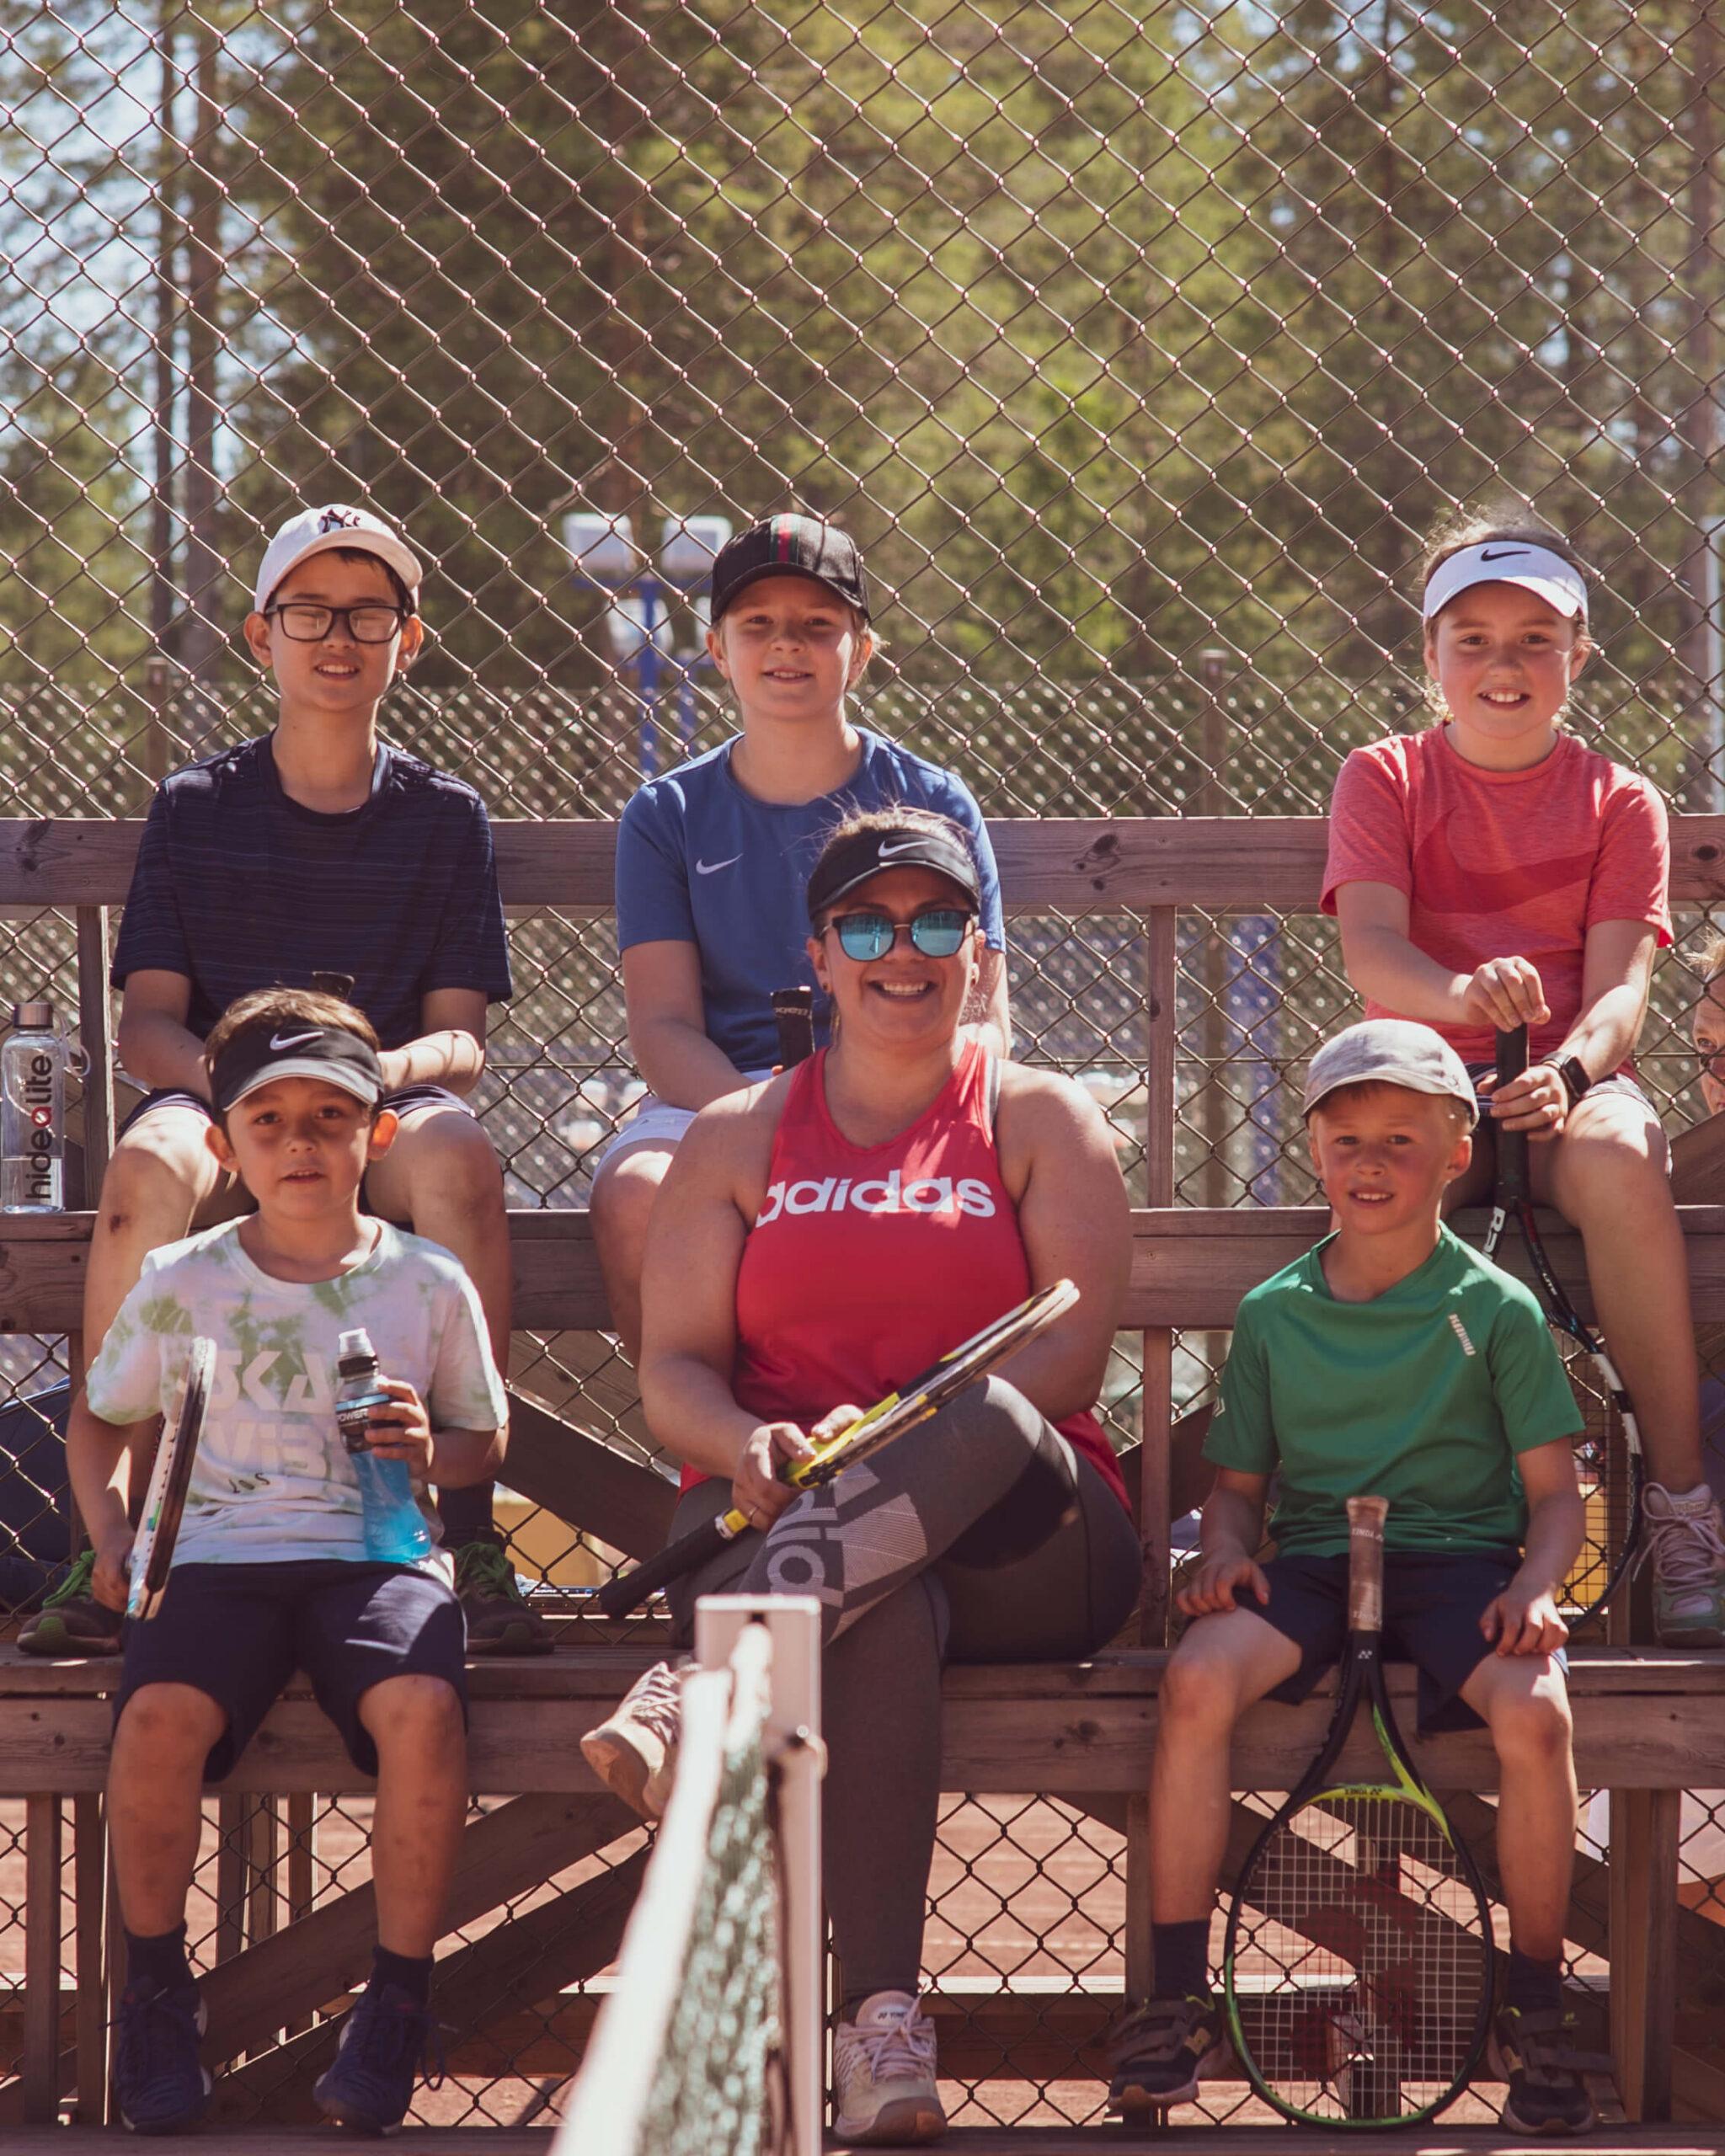 Missa inte sommarens tennisskola!